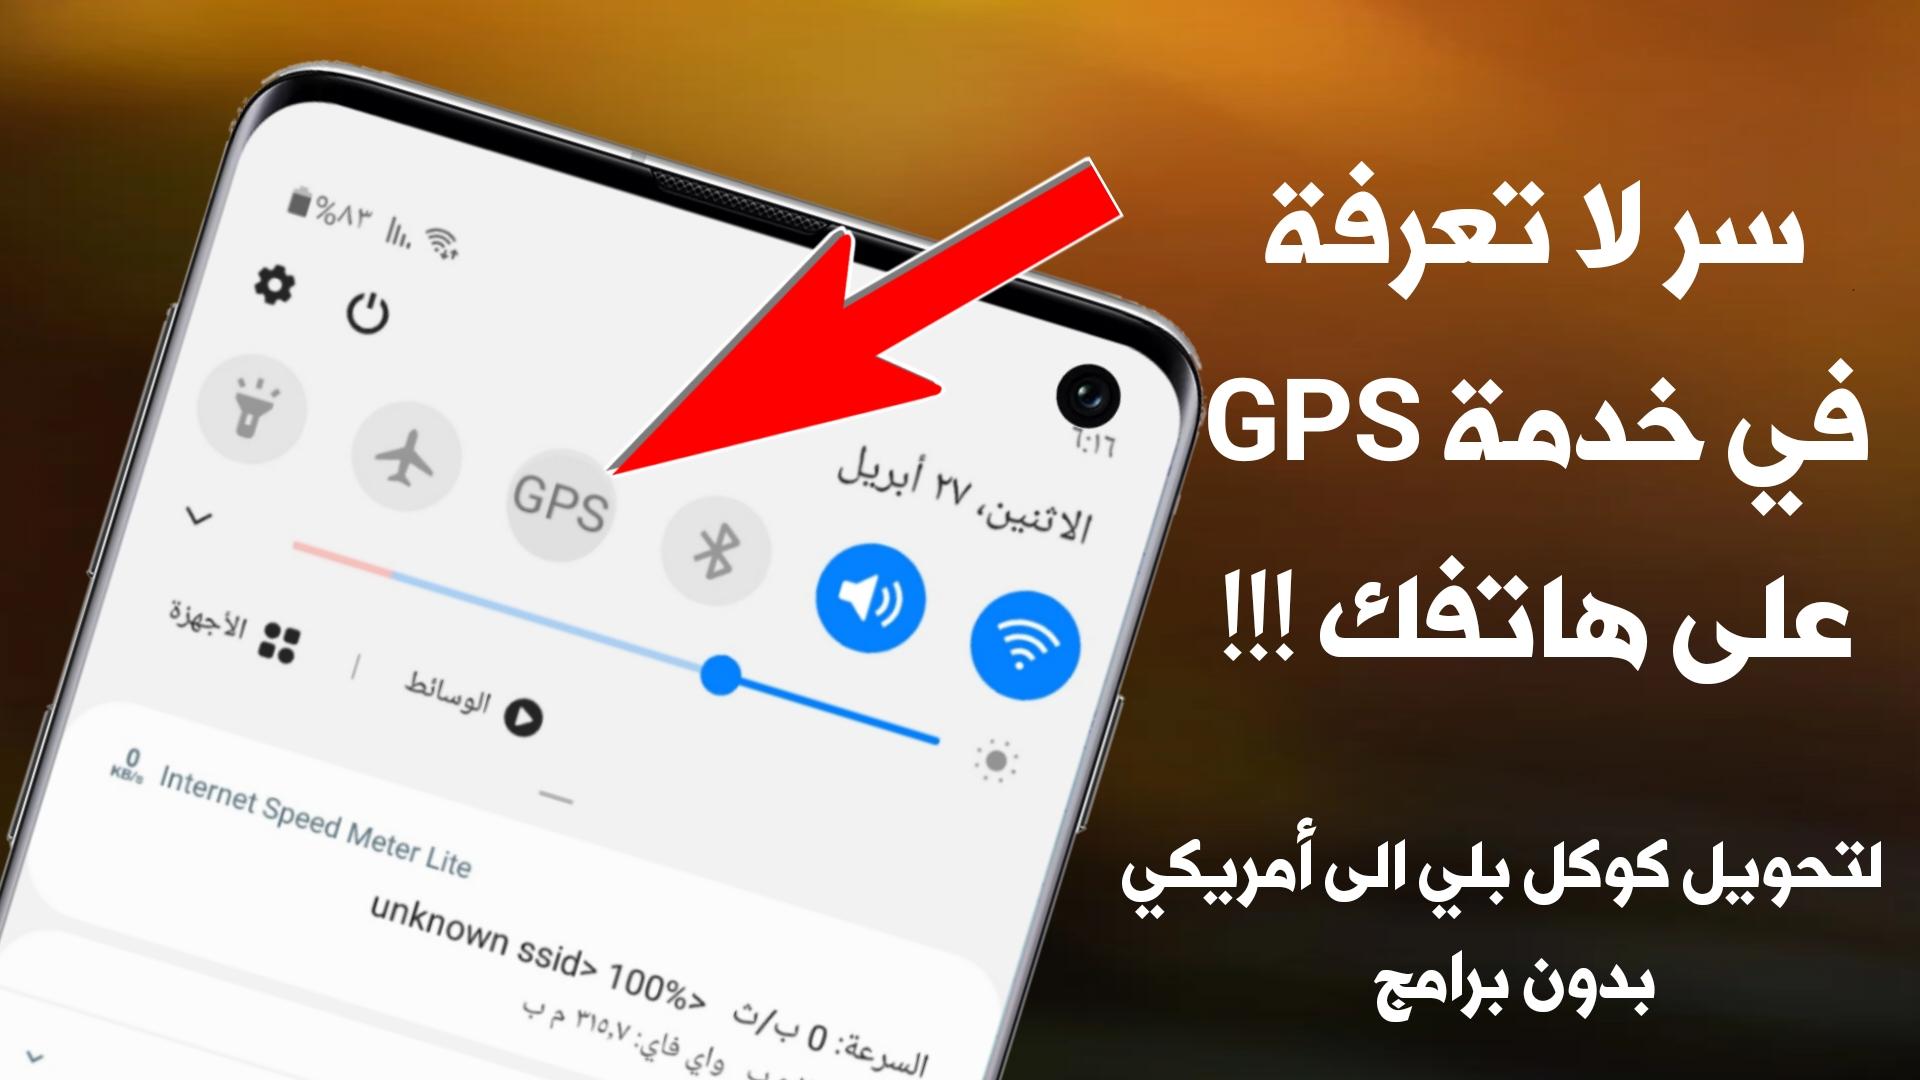 سر لاتعرفة في خدمة GPS على هاتفك !!! لتحويل متجر Google Play الى أمريكي بدون VPN